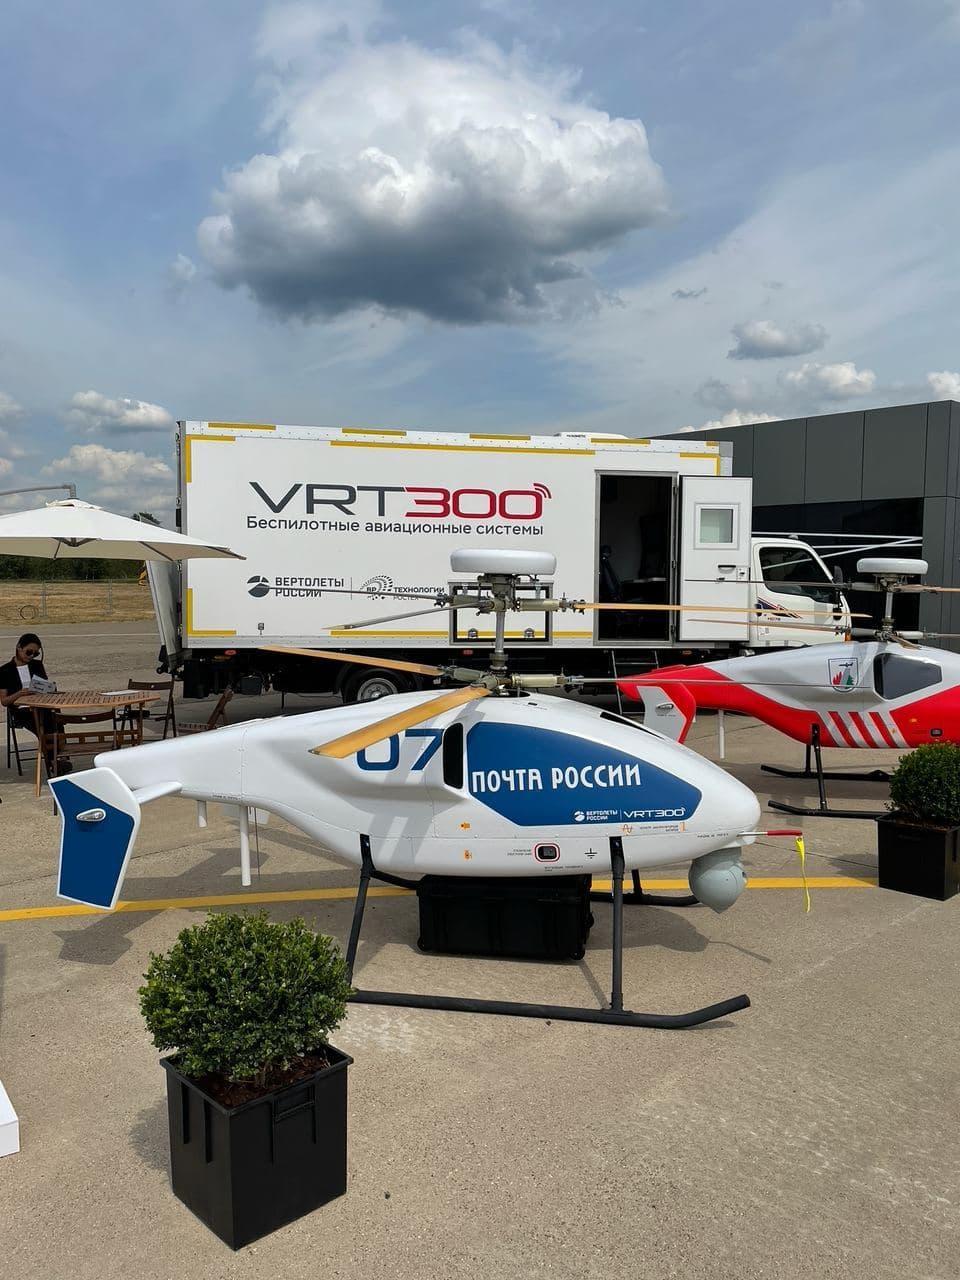 VRT-300